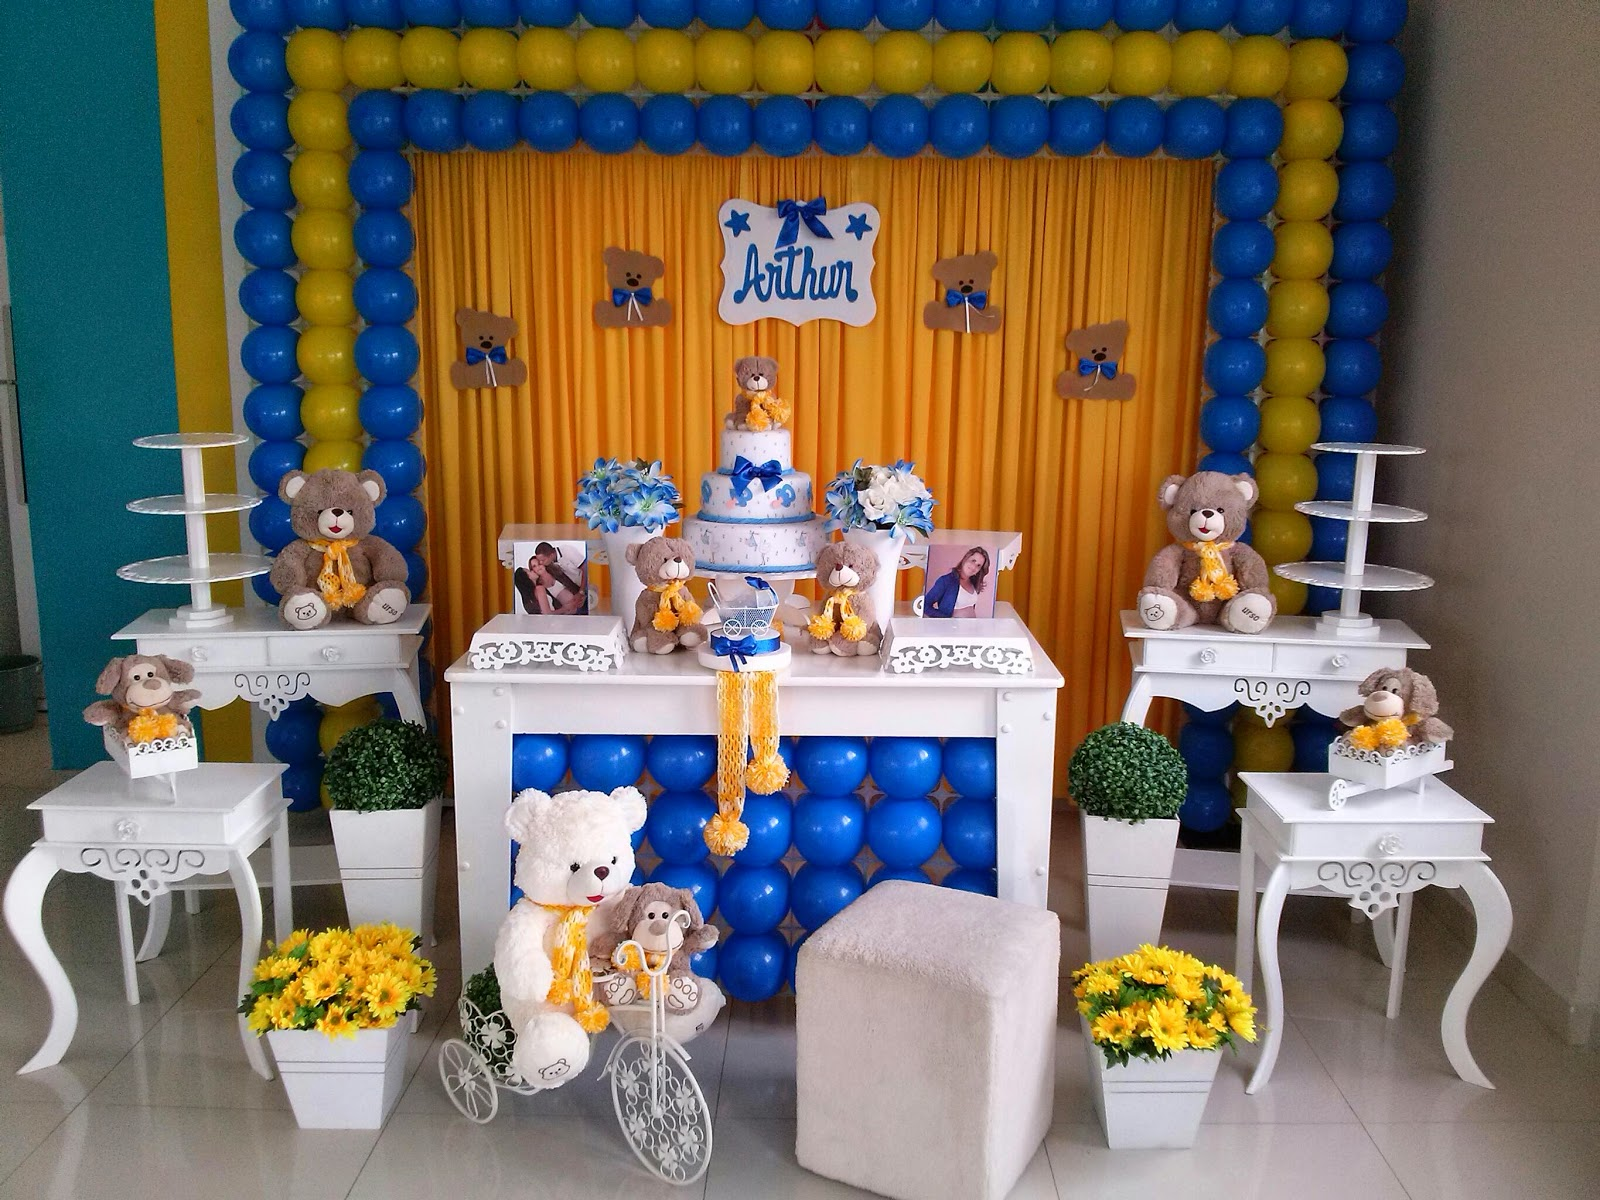 decoracao festa infantil azul e amarelo : decoracao festa infantil azul e amarelo:Chá de bebê azul c/amarelo – CIFESTA DECORAÇÕES